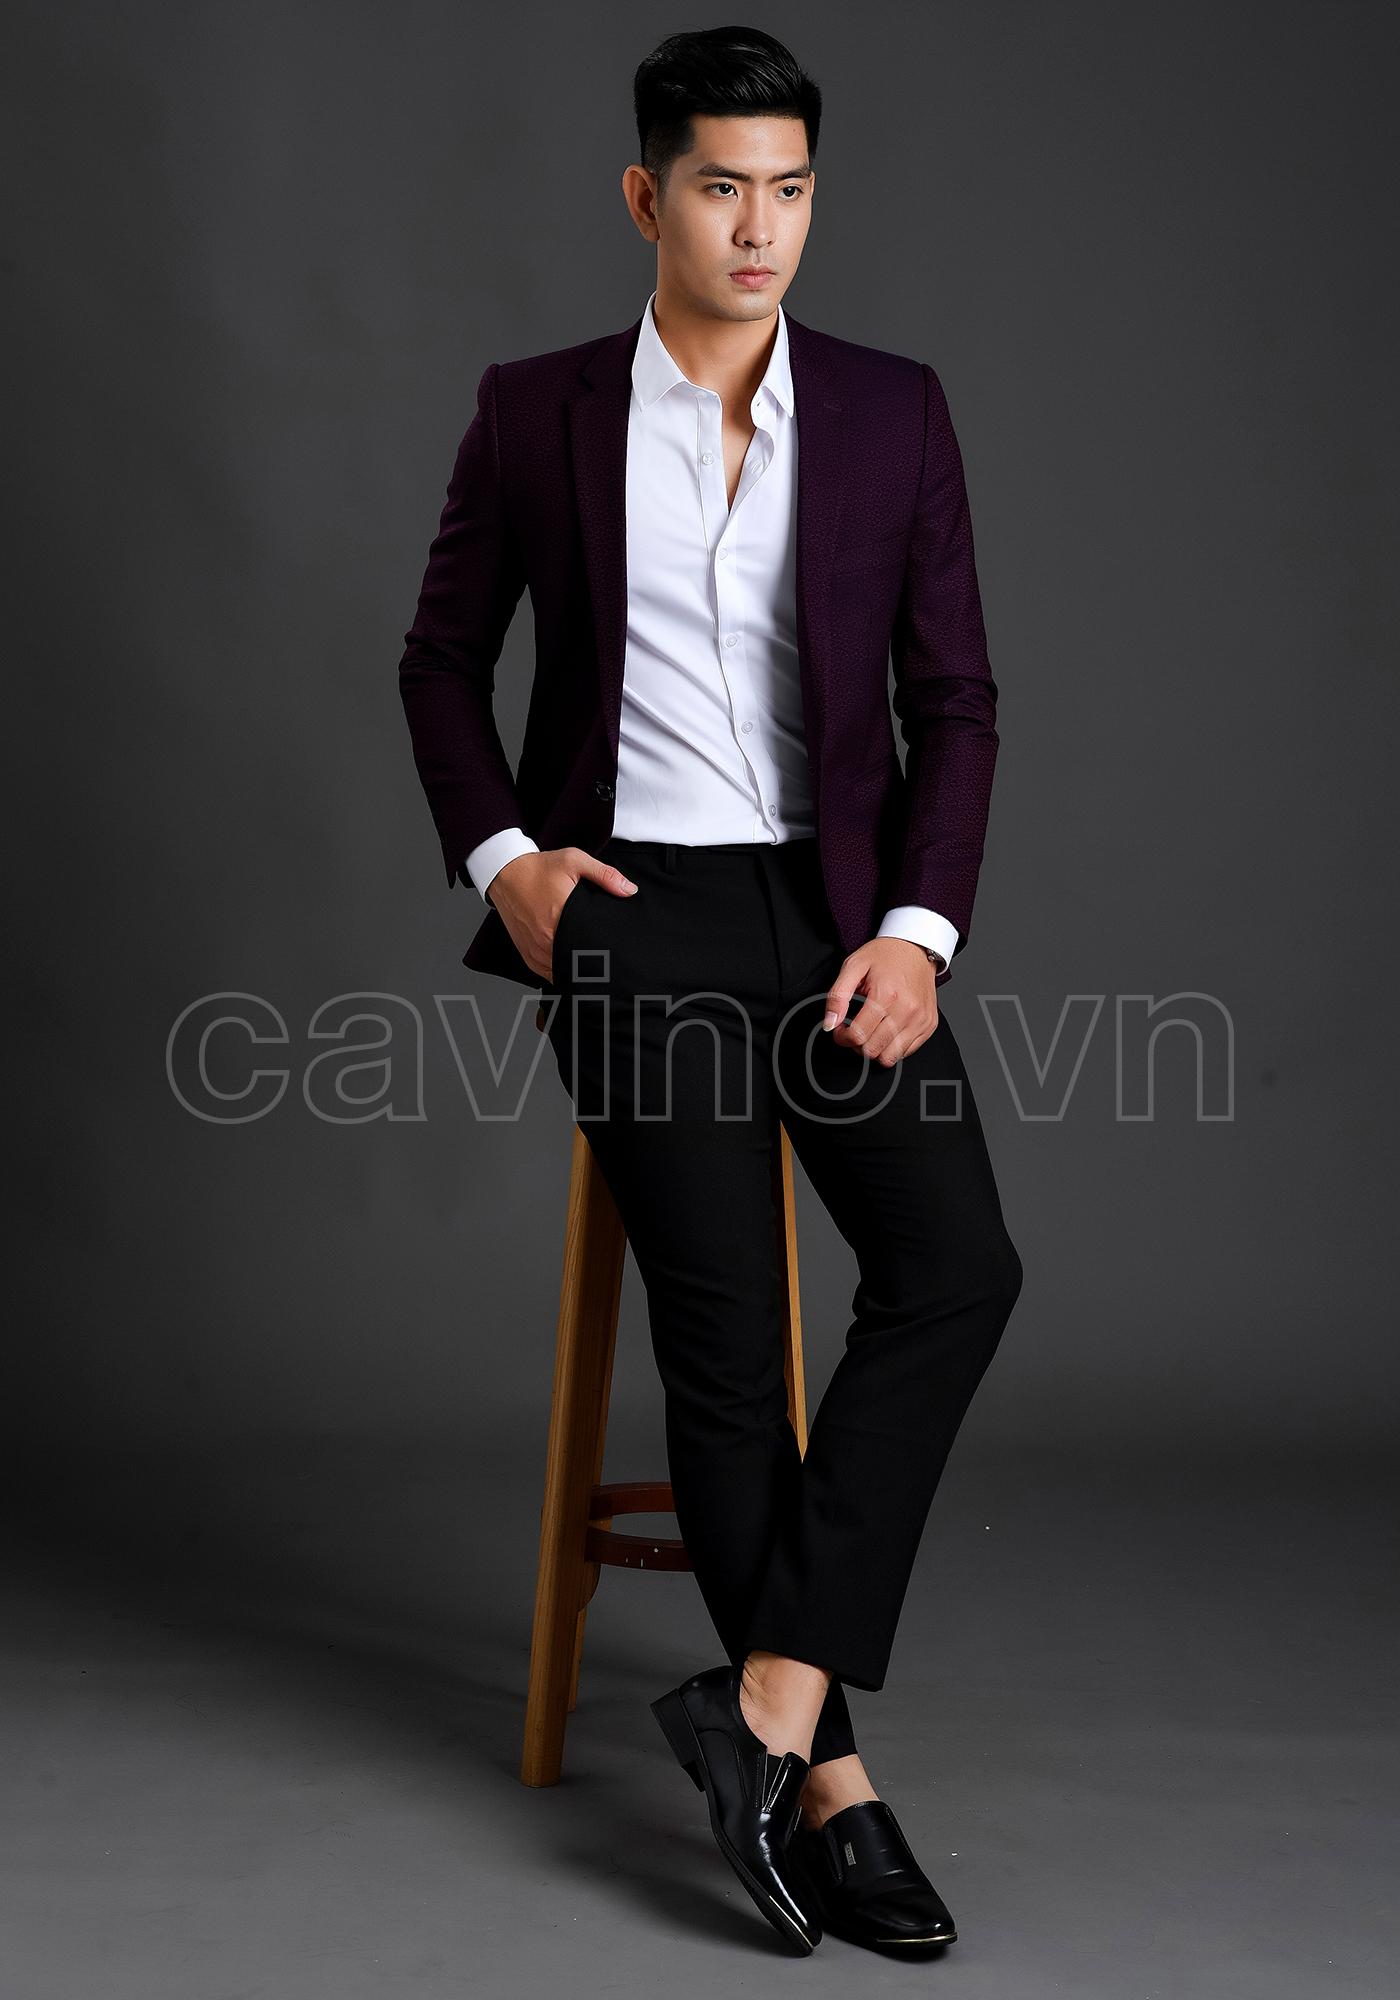 Áo sơ mi trắng mặc cùng vest đen đầy mạnh mẽ